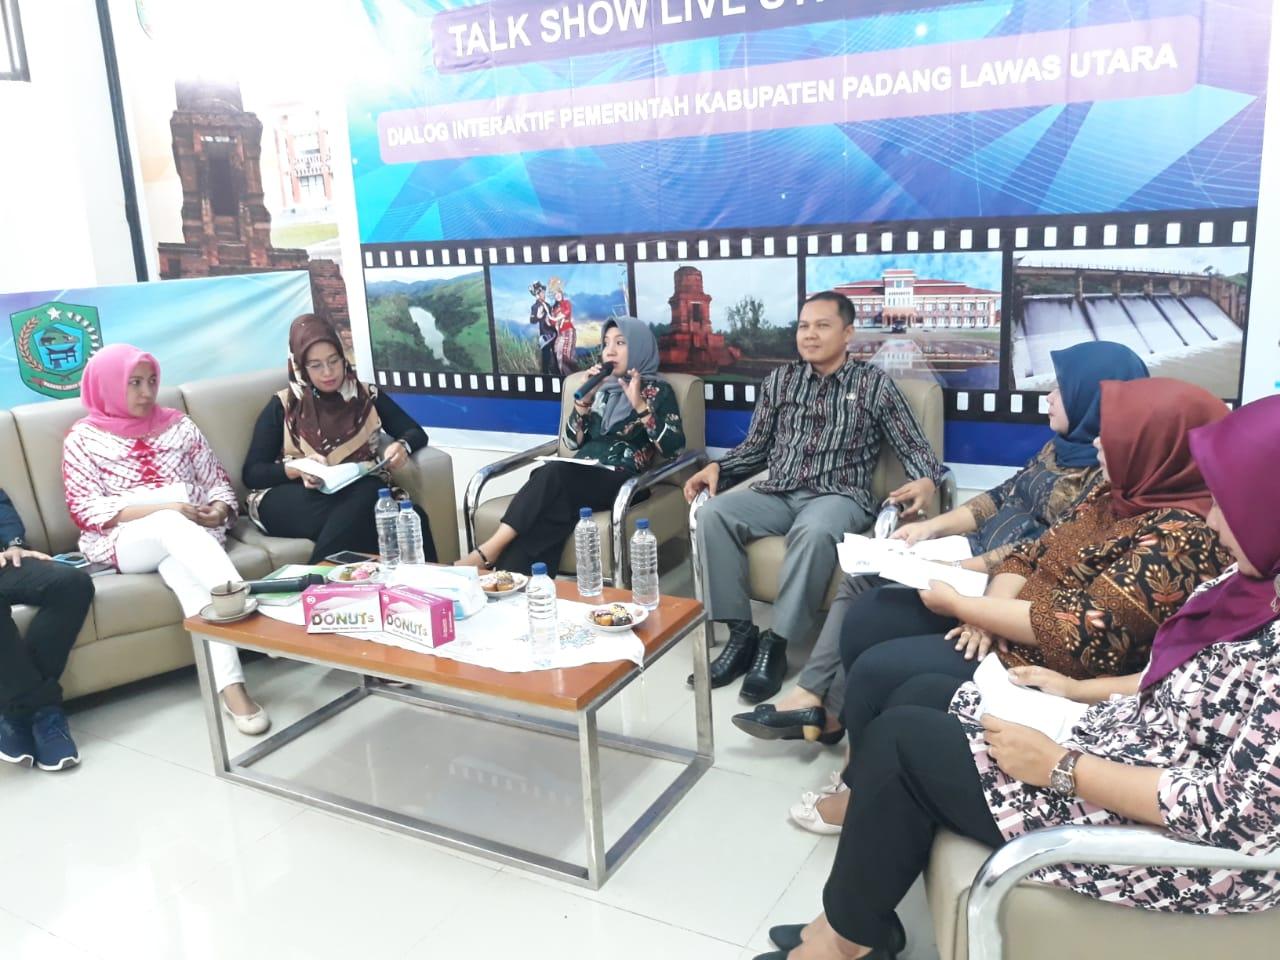 Plt.Kadis Kesehatan Paluta dr.Sri Prihatin Harahap,M.Kes  saat menjelaskan Program akreditasi dan tahapannya kepada Plt. Kadis kominfo Paluta Anwar Sadat Siregar,S.E,M.Si yang berperan sebagai Moderator live streaming.